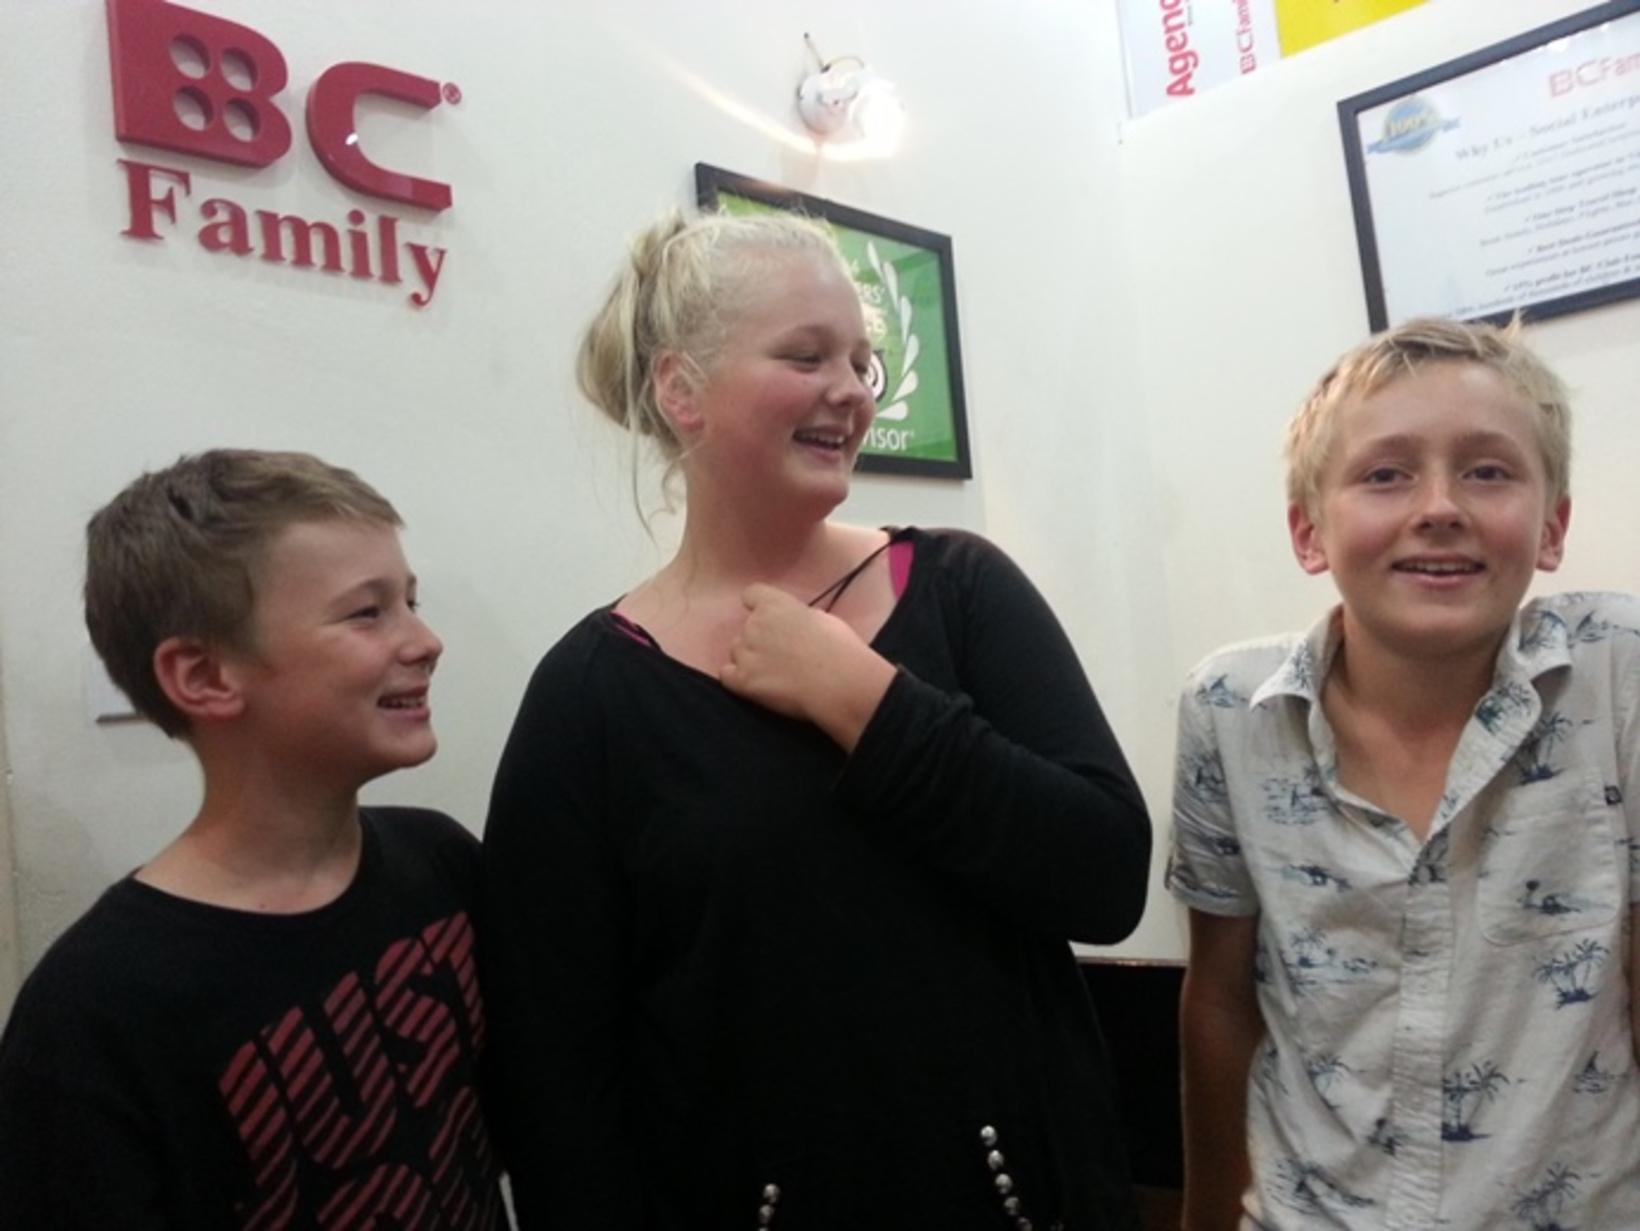 Tash, Ben, Seb - Cool kids from Frost Family